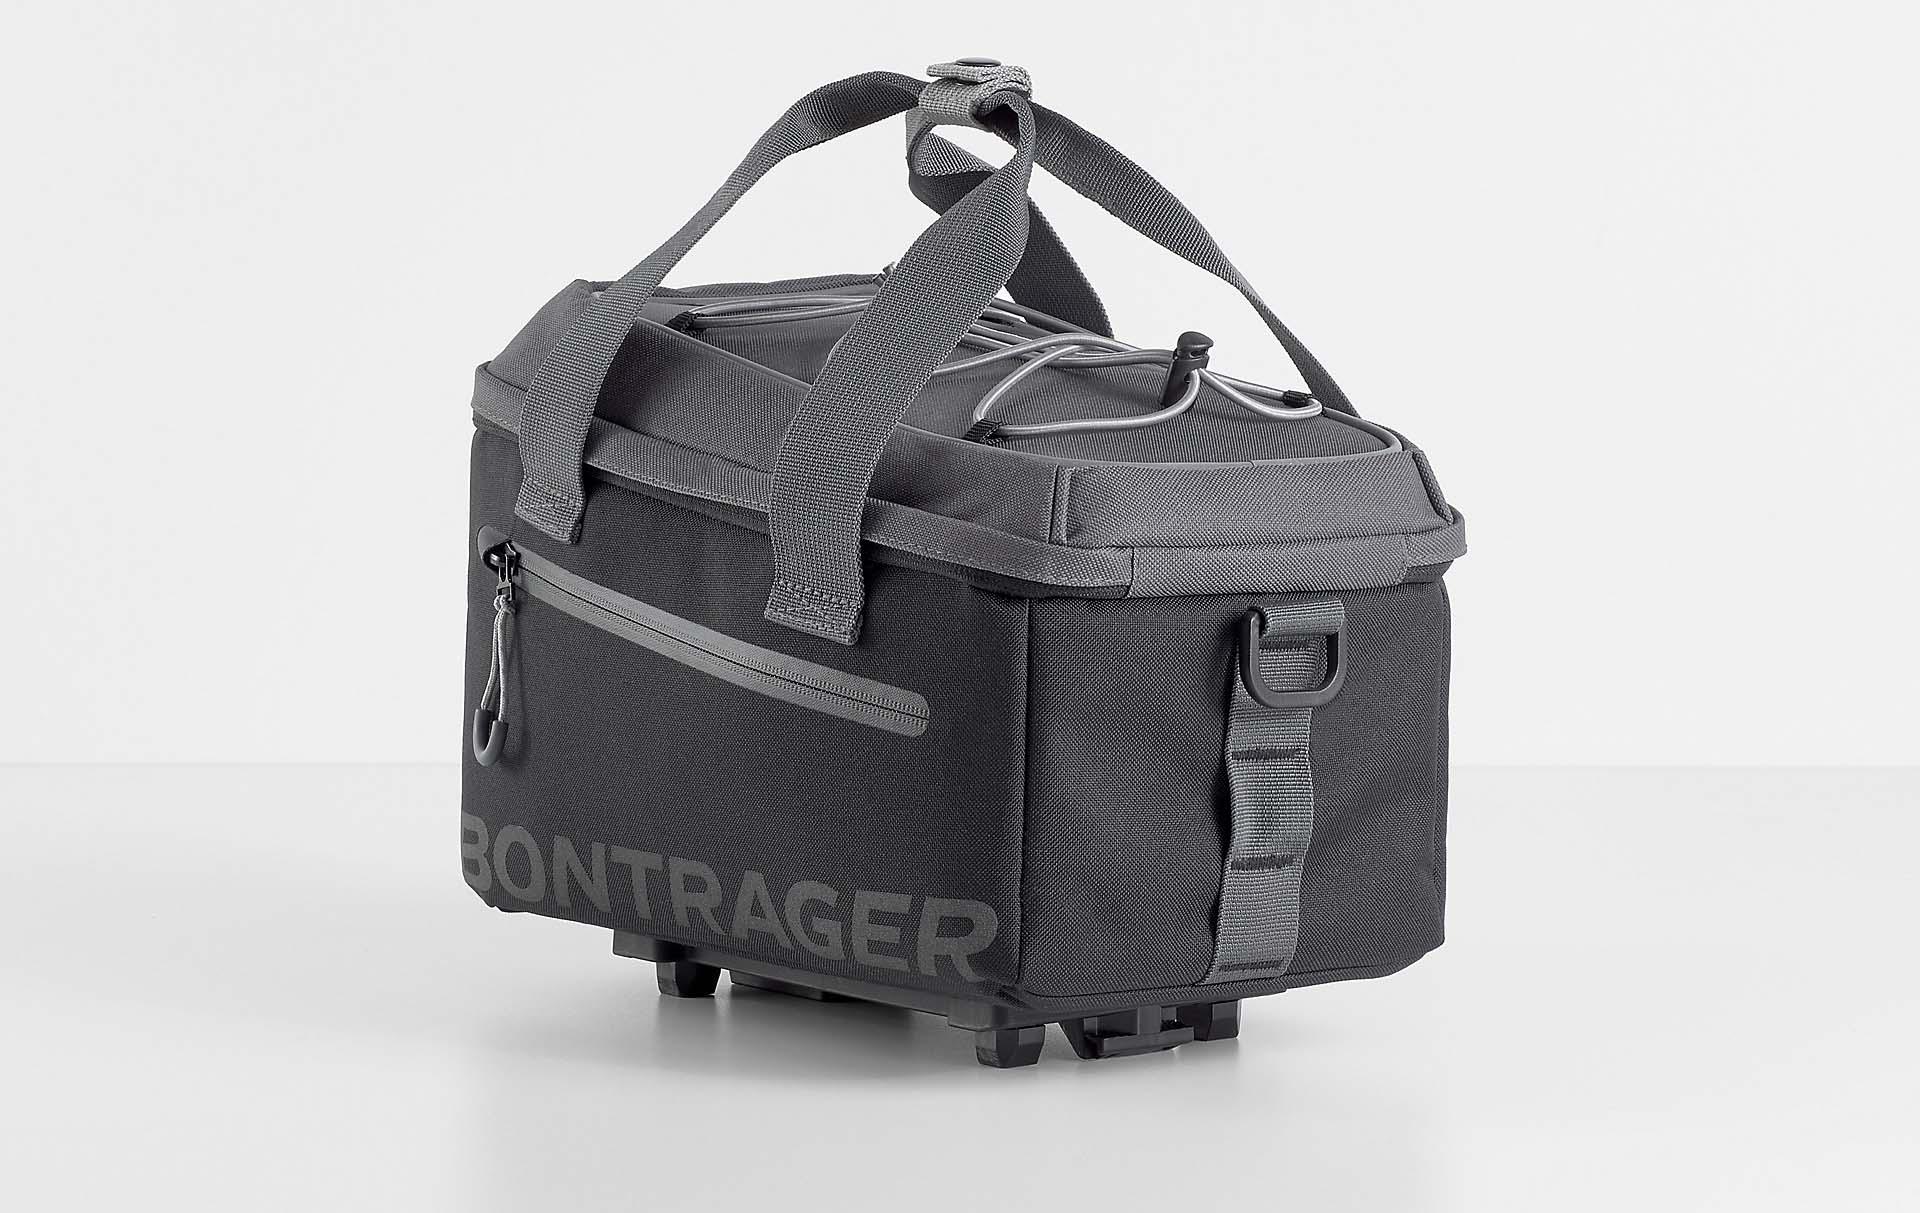 Minőségi Bontrager kerékpáros kiegészítők-1